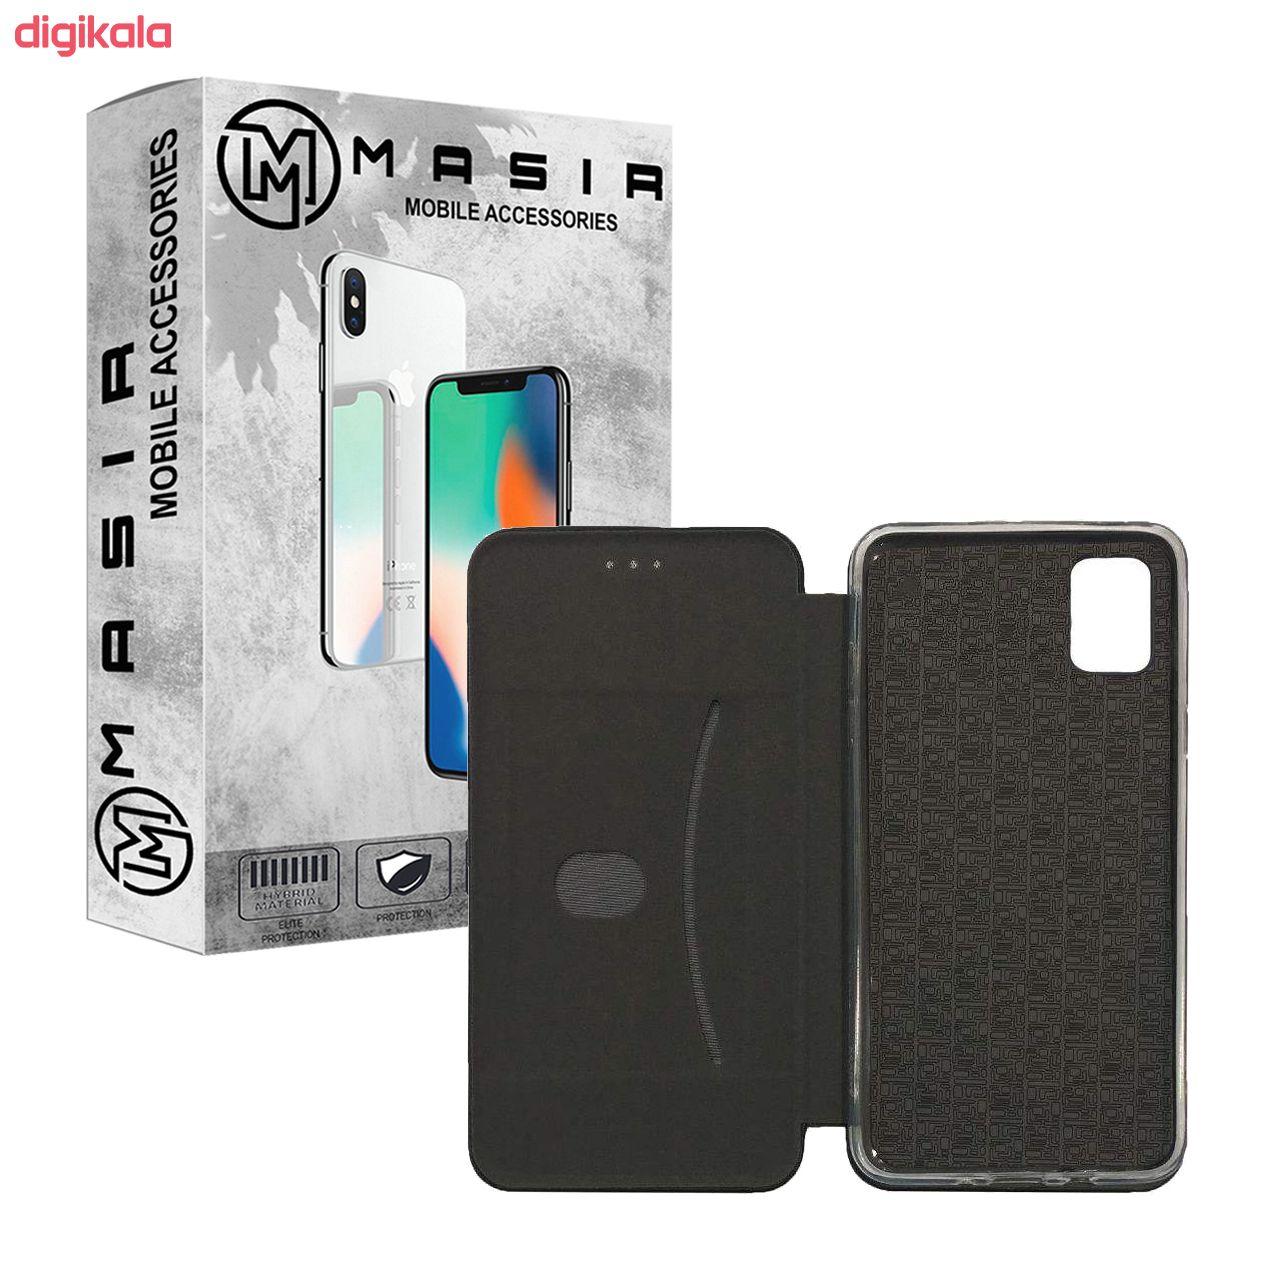 کاور مسیر مدل MGBML مناسب برای گوشی موبایل سامسونگ Galaxy A51 به همراه محافظ صفحه نمایش و پشت گوشی و محافظ لنز دوربین